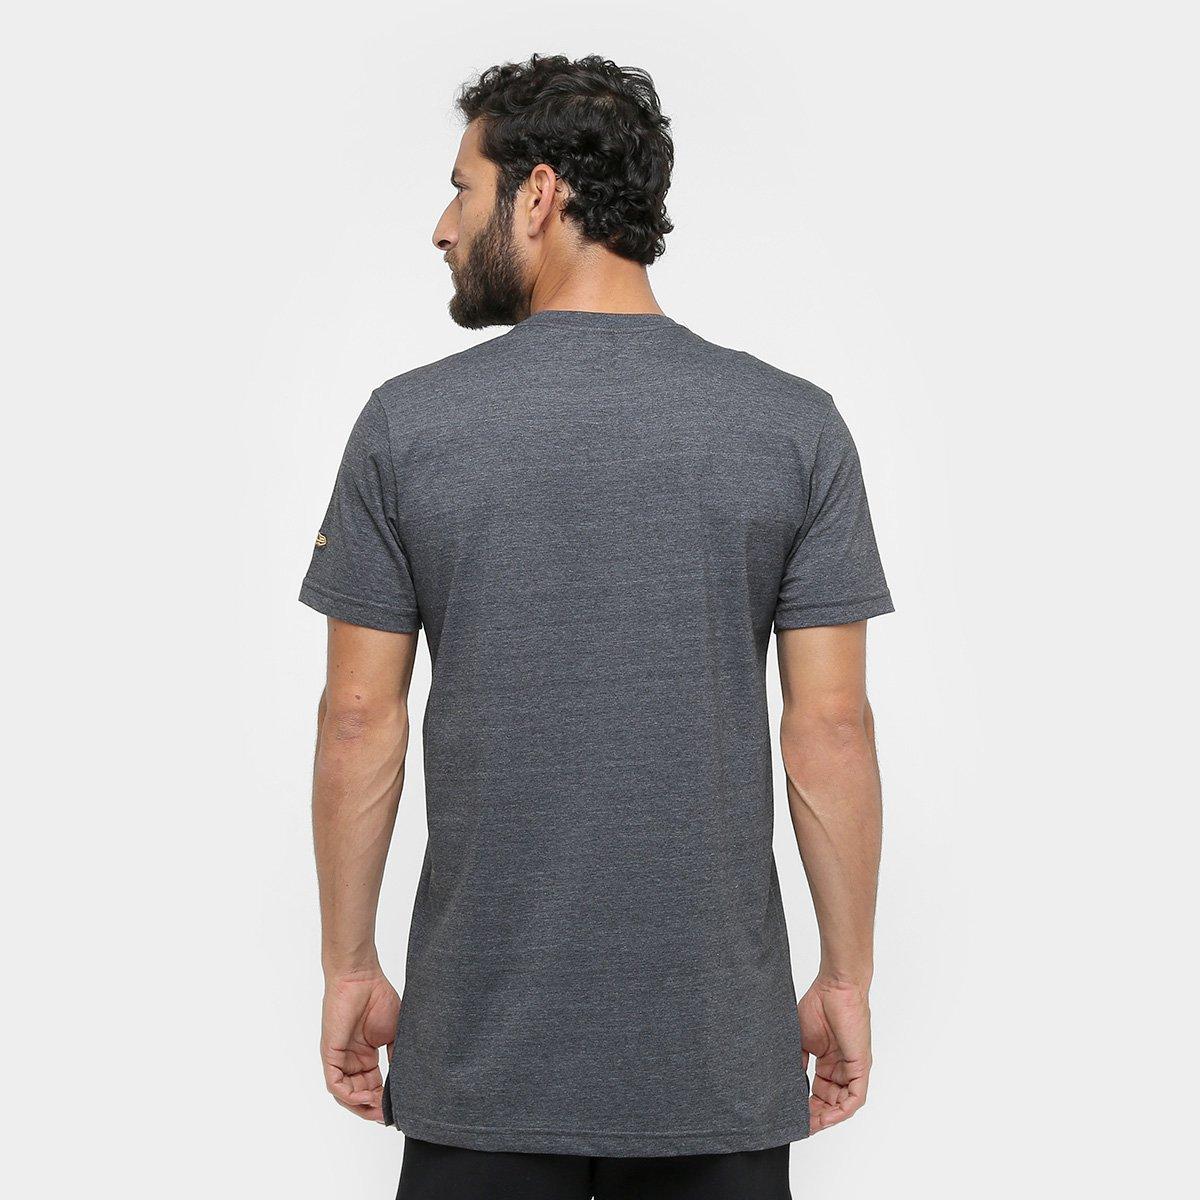 Camiseta MLB New York Yankees New Era Foil 61 Masculina - Compre ... 4131b0360b2